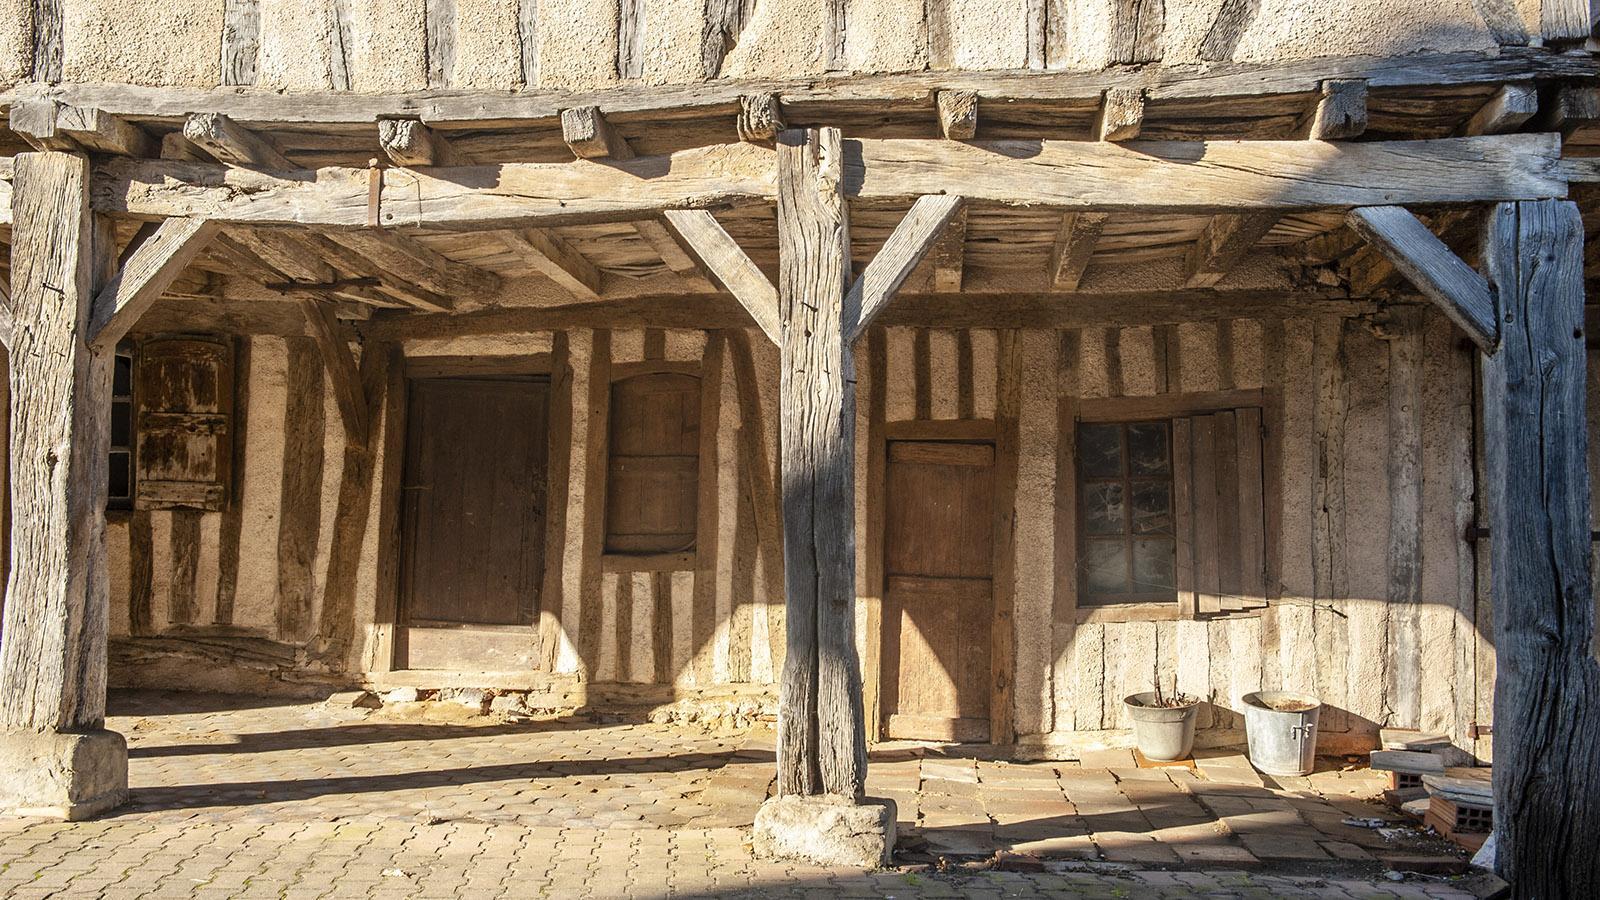 Simorre: Hausbau aus dem Mittelalter. Foto: Hilke Maunder